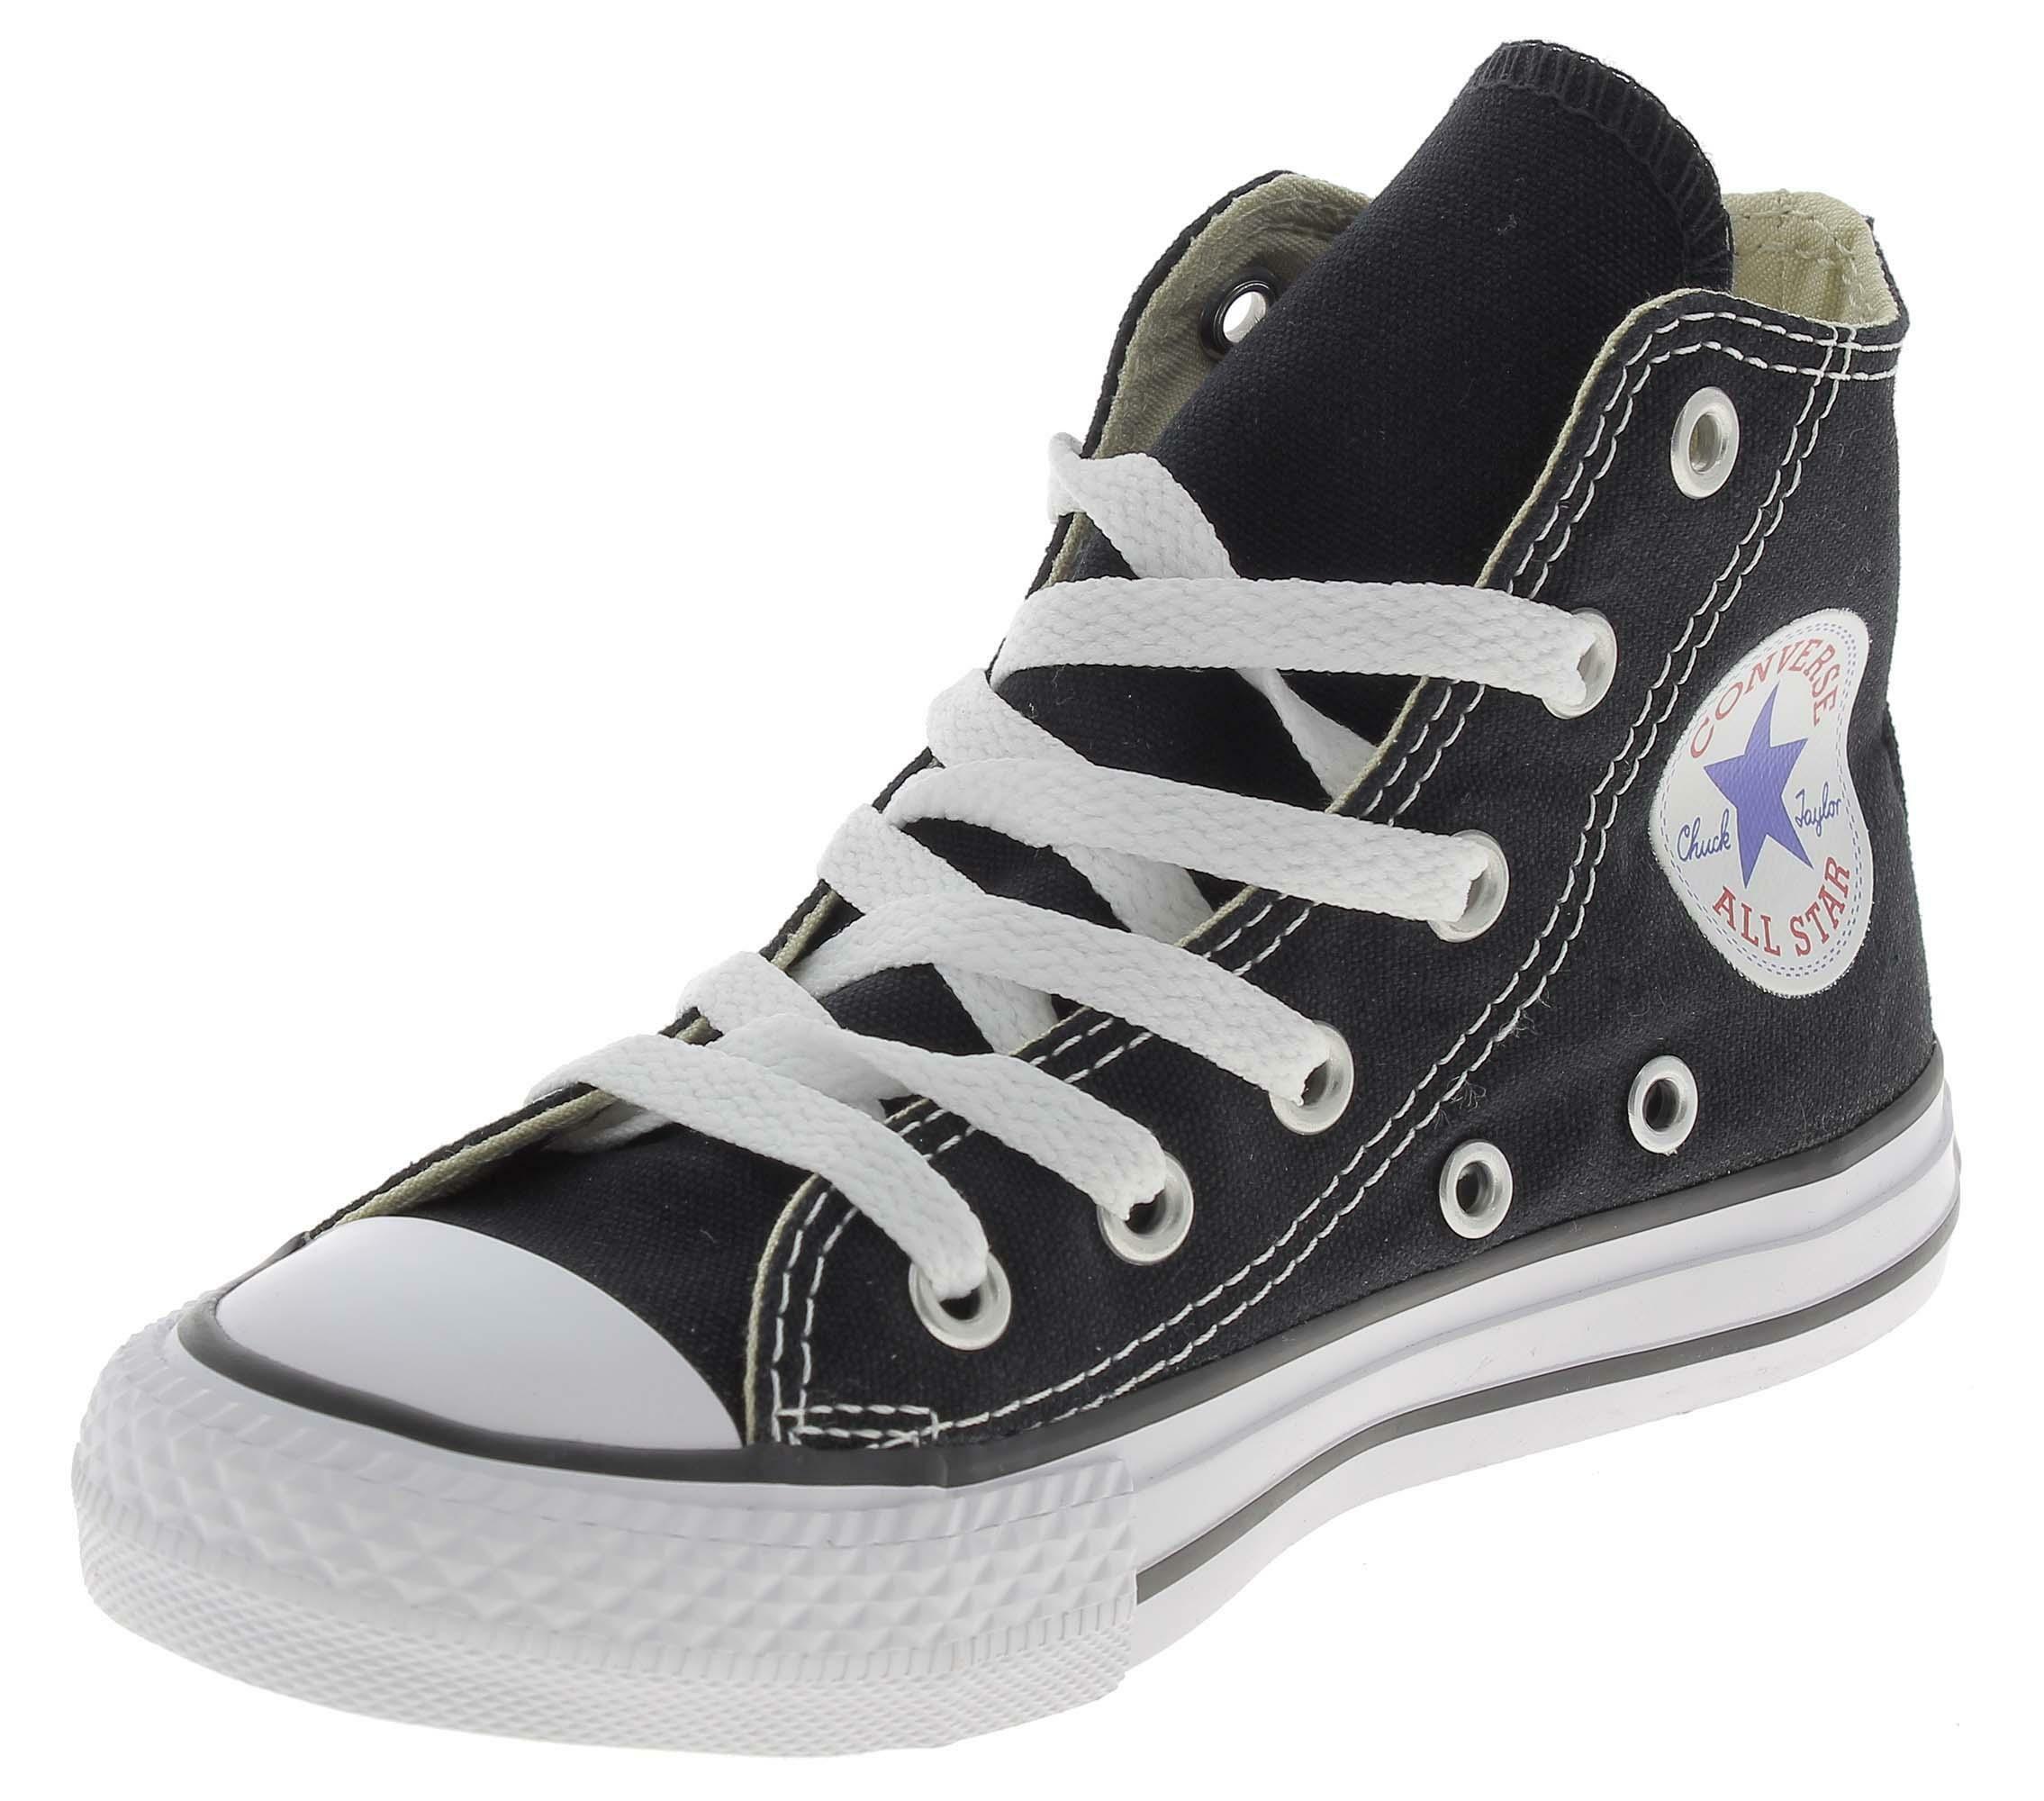 premium selection 0f7cb c26b0 CONVERSE Toutes les chaussures de sport Star CT Chaussures hautes noir  junior no